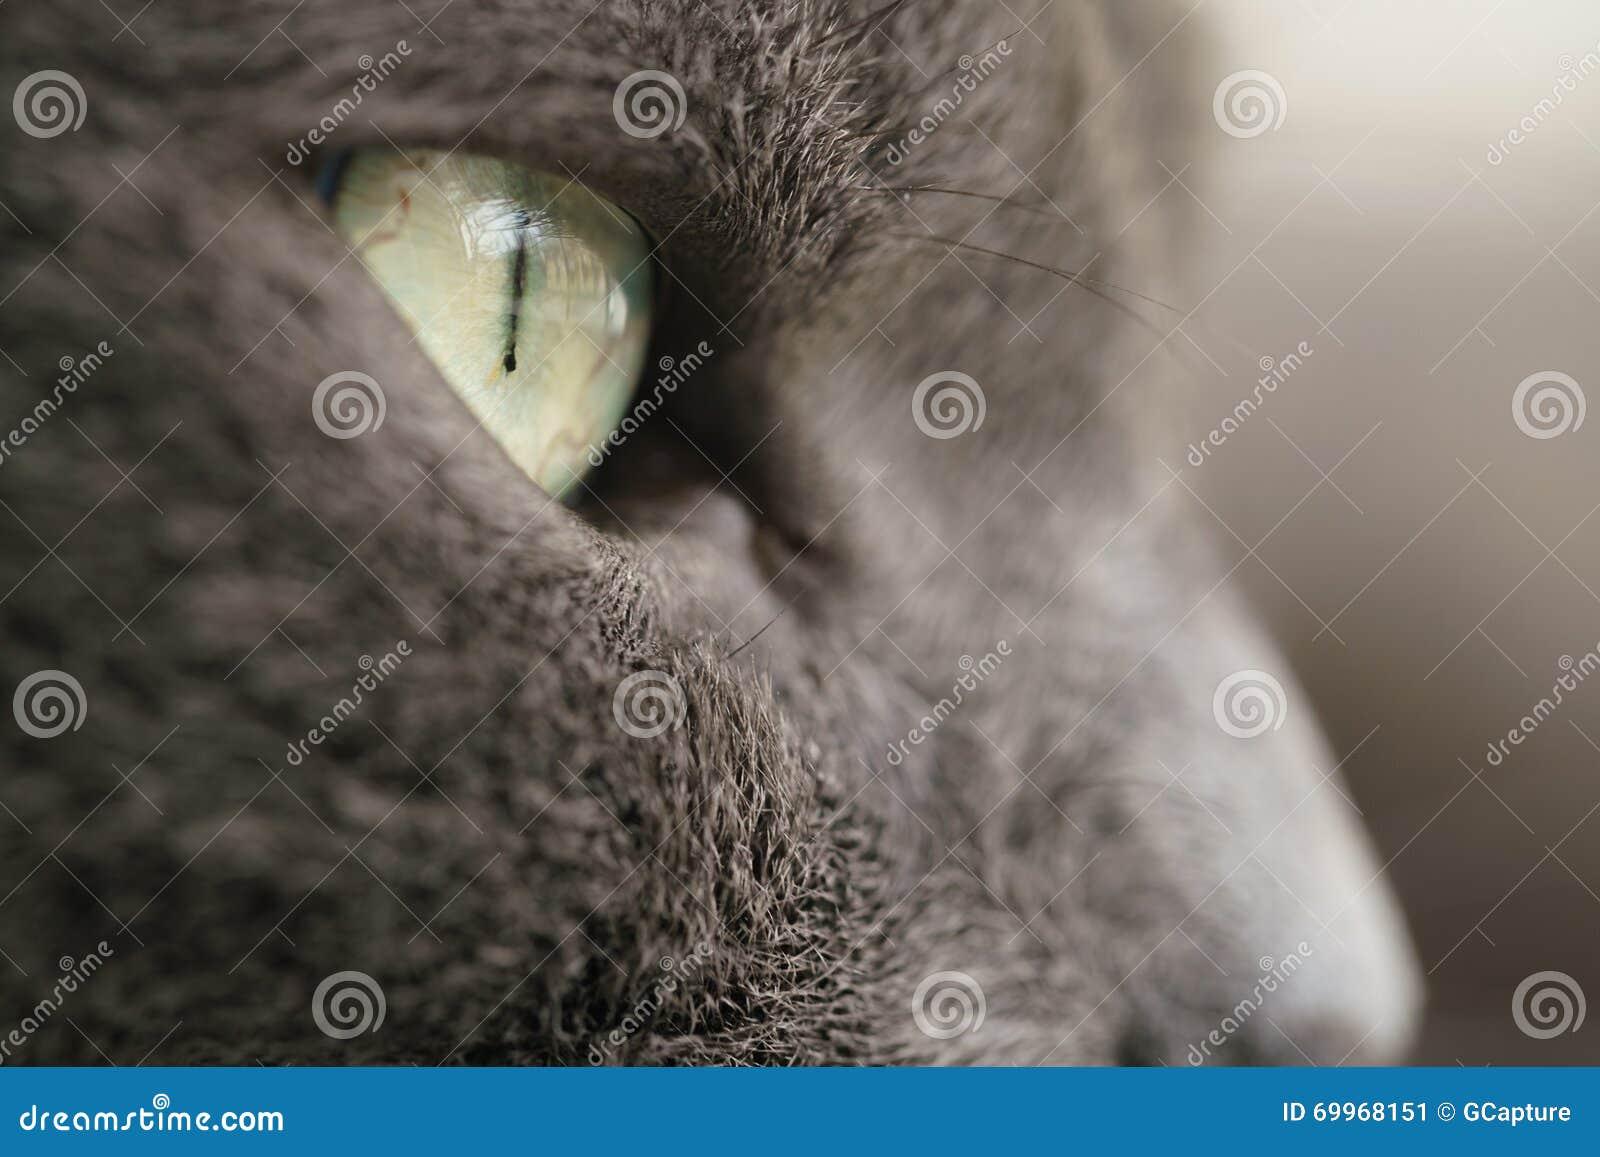 Gray cat portrait close up photo